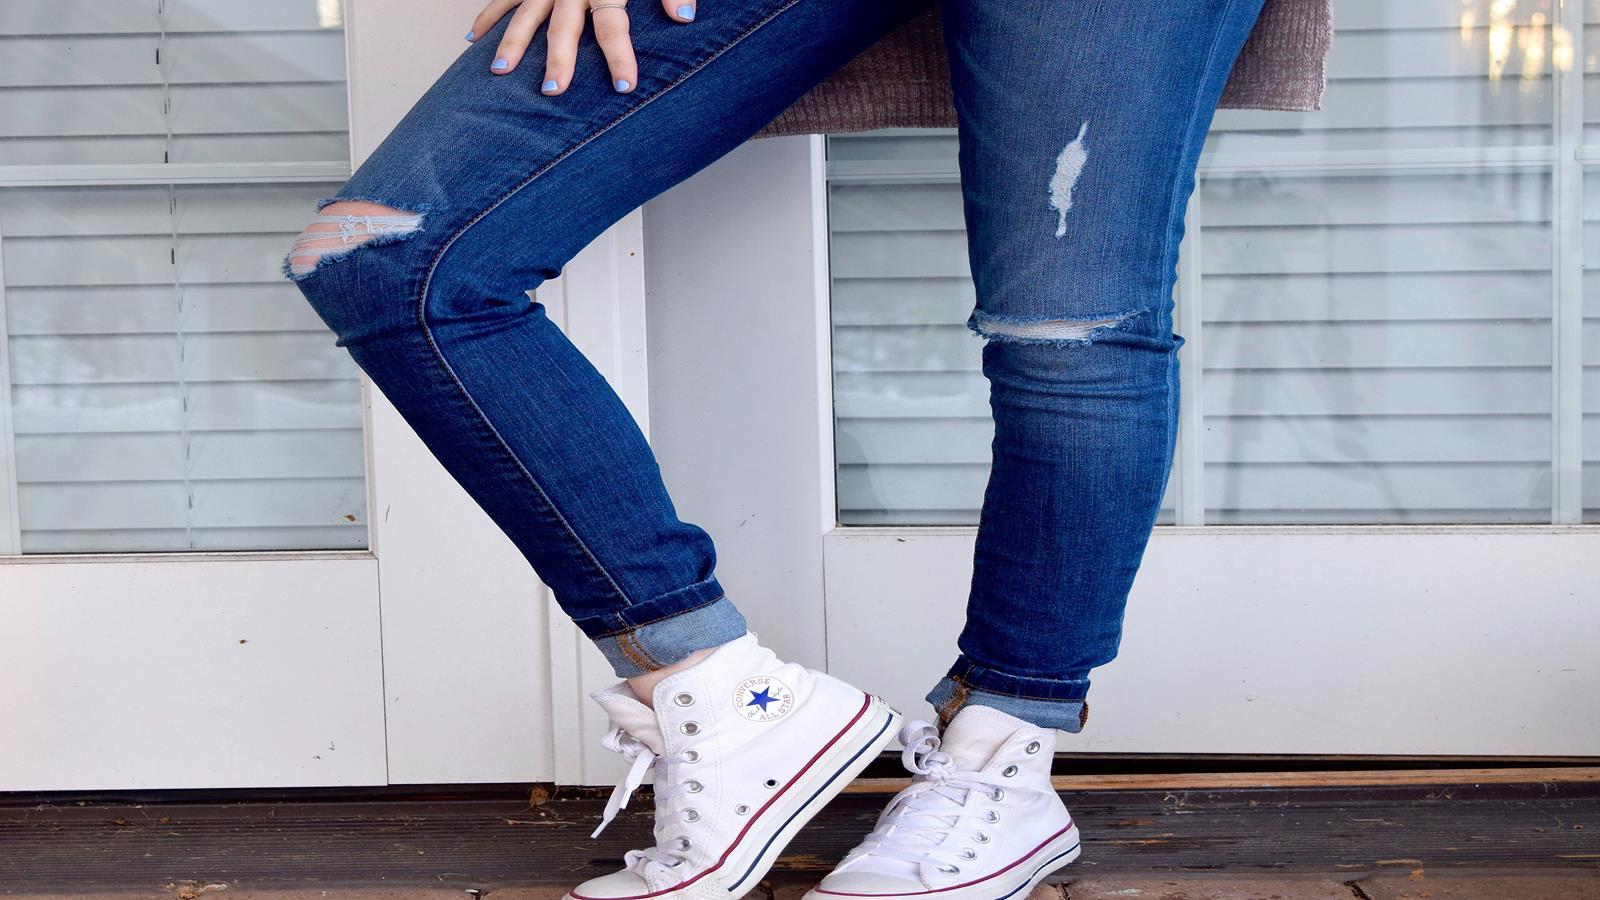 Hurtownia odzieży outlet – jaka będzie najlepsza?